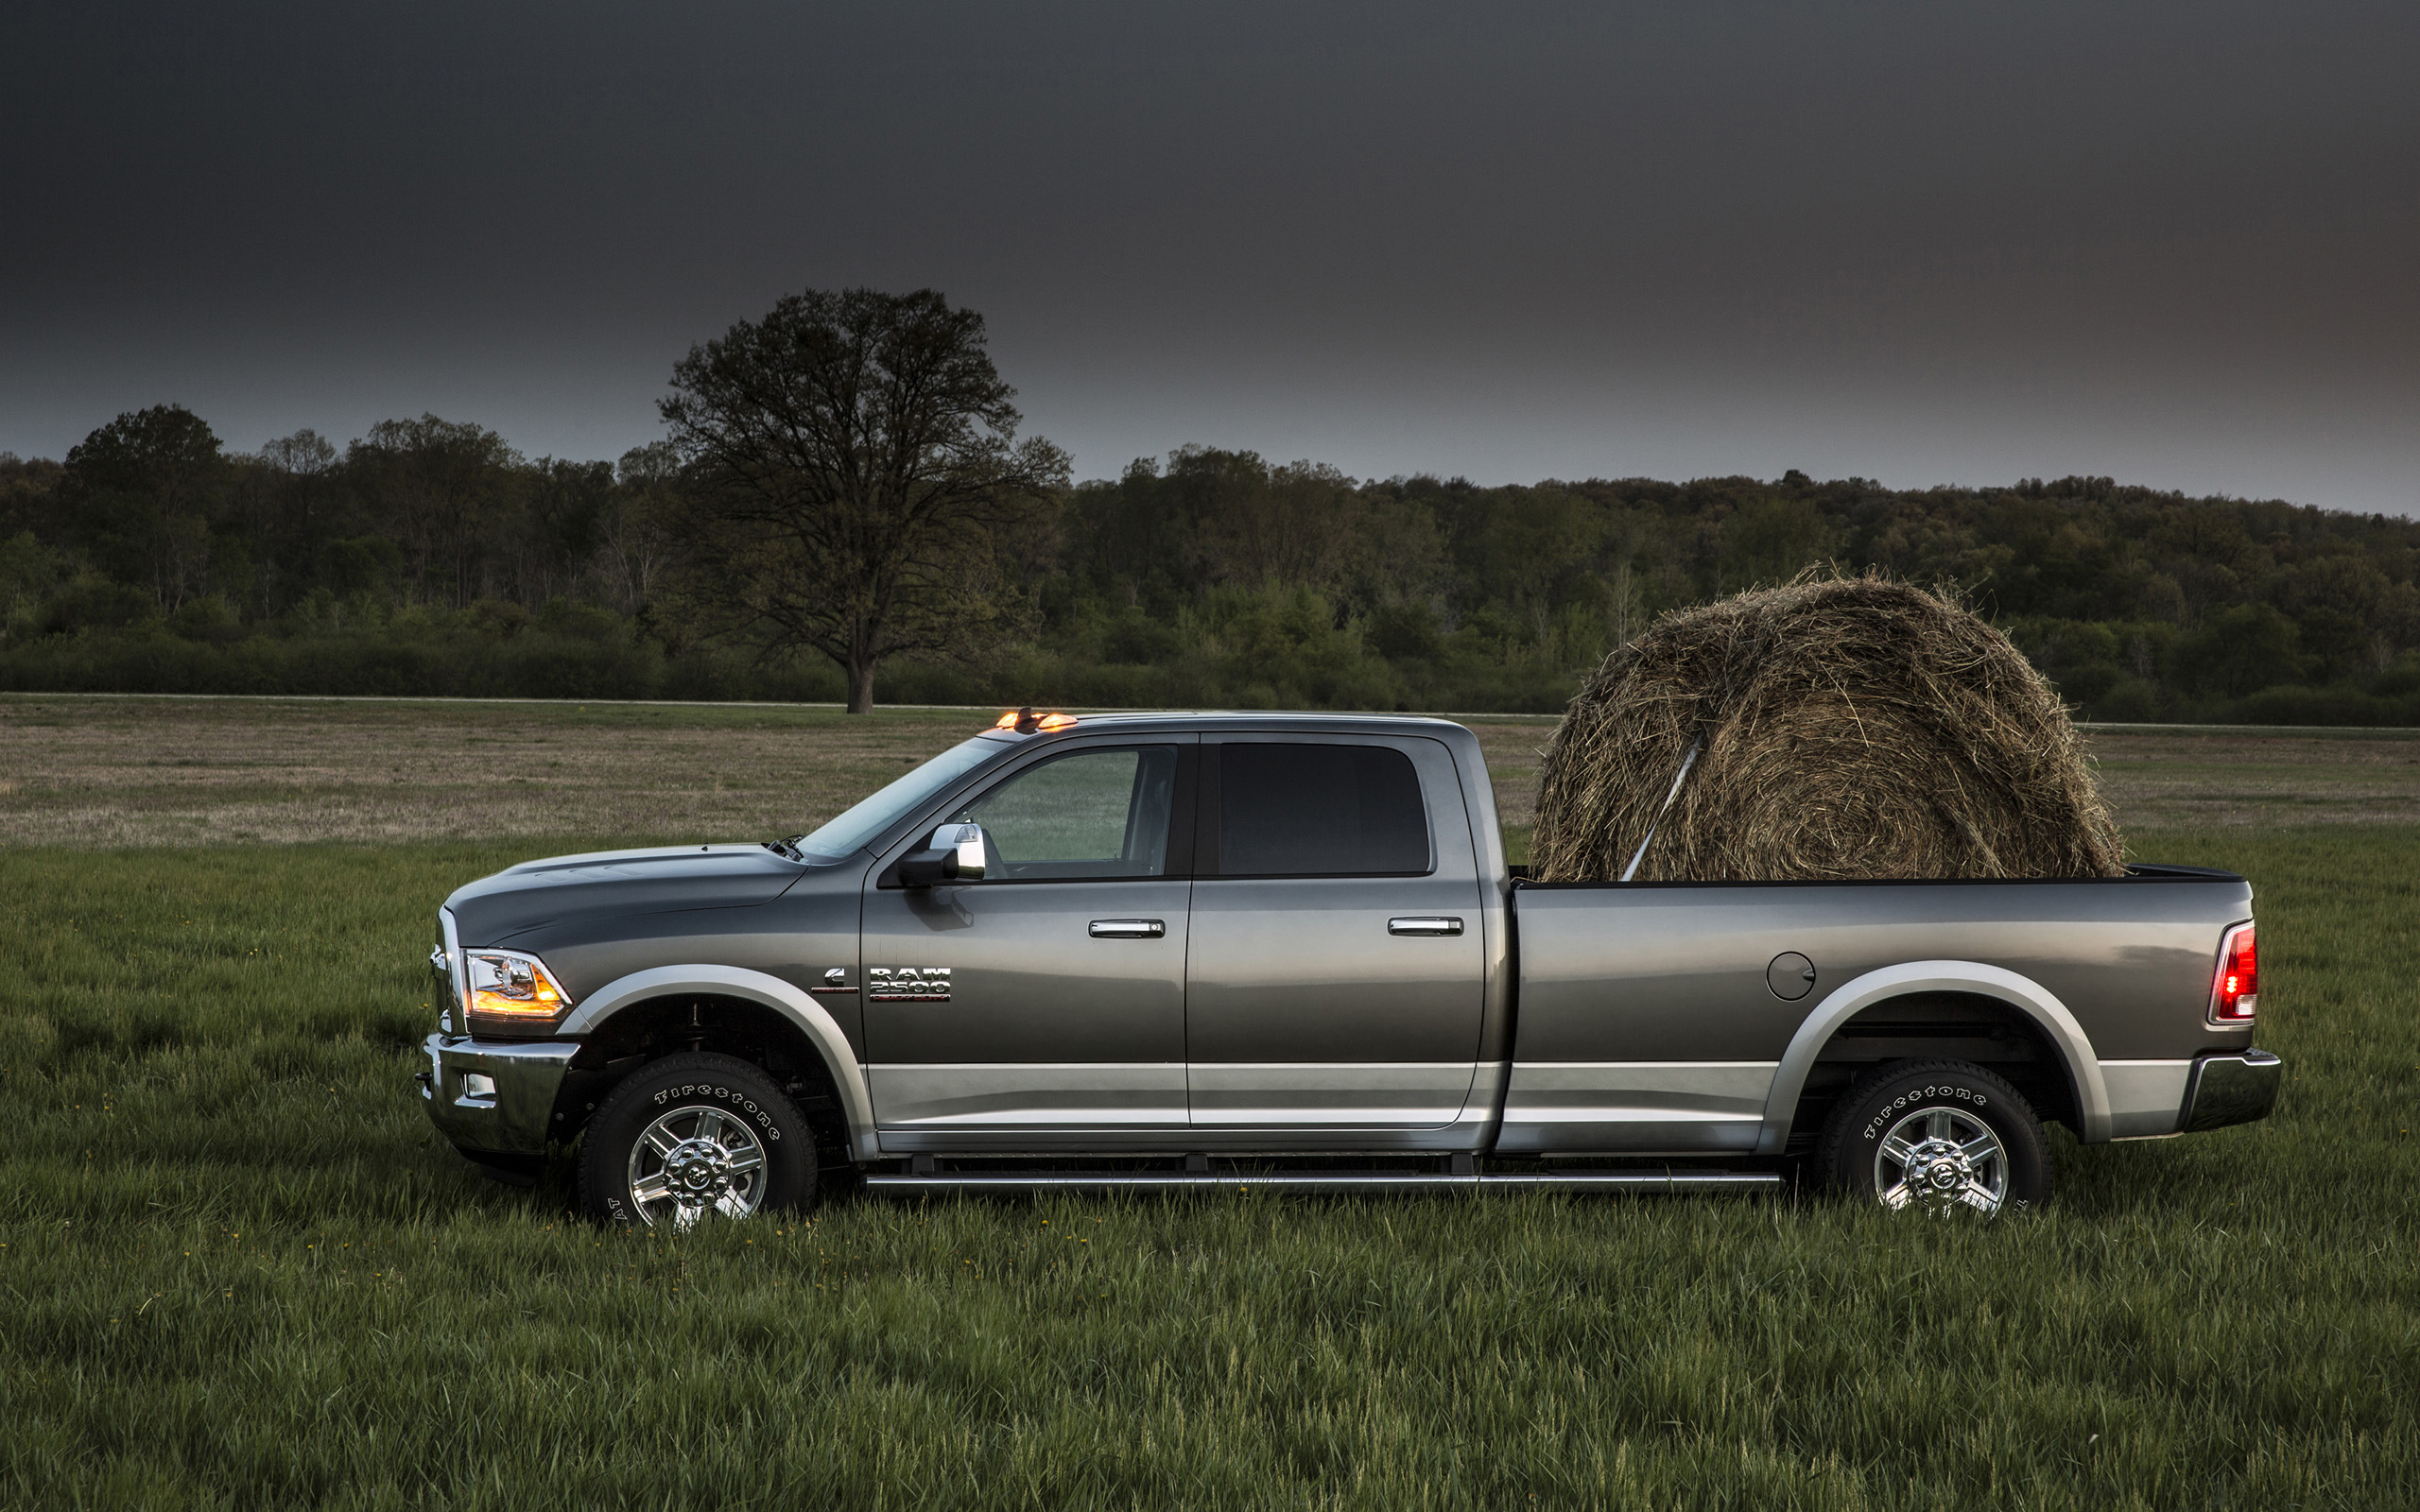 2013 Dodge Ram 2500 4x4 Truck E Wallpaper 2560x1600 112287 Wallpaperup